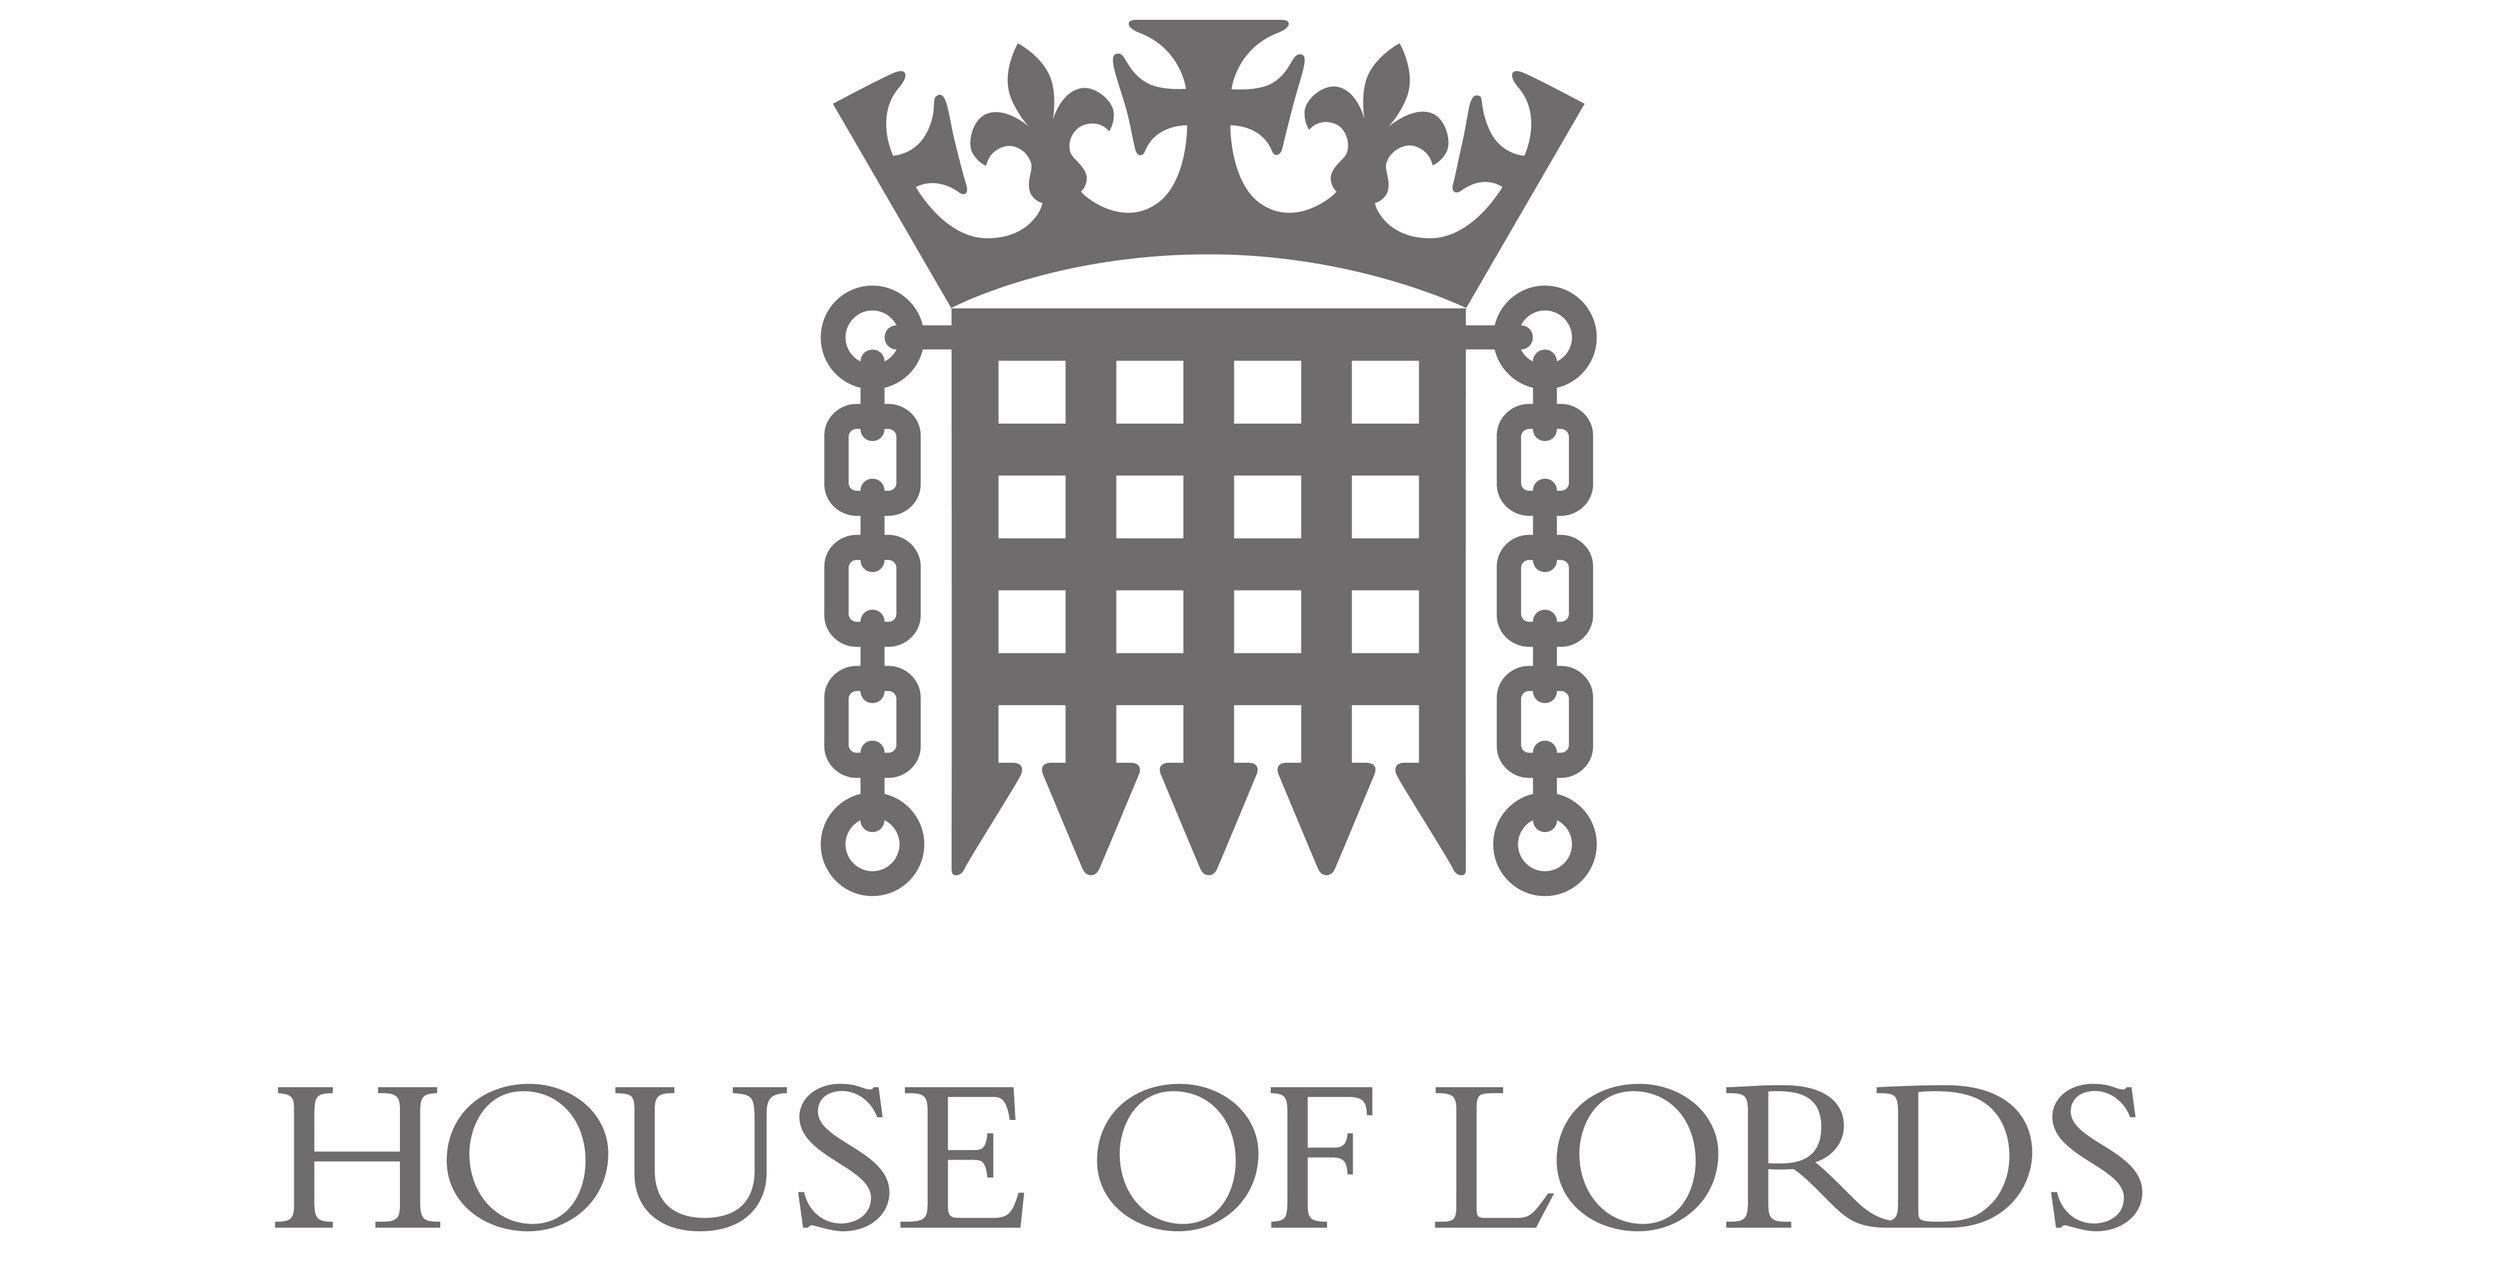 House of commons2.jpg